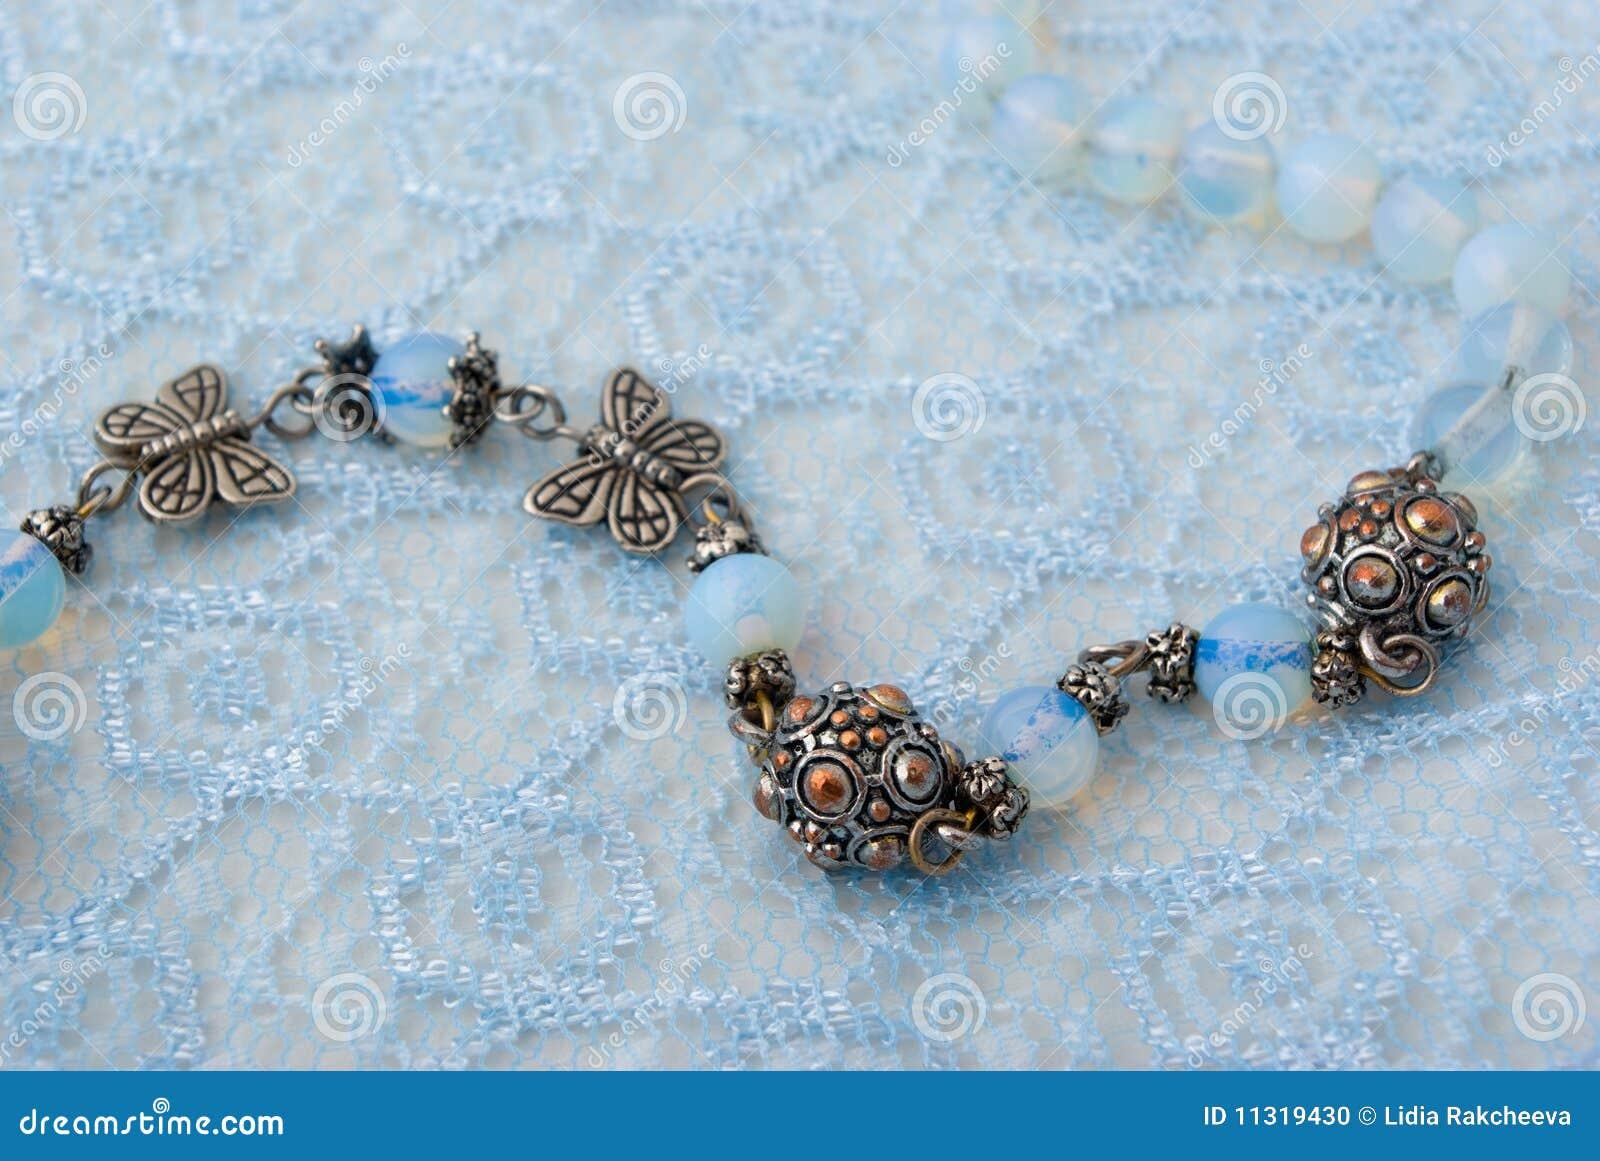 Blaue Korne auf blauer Spitze